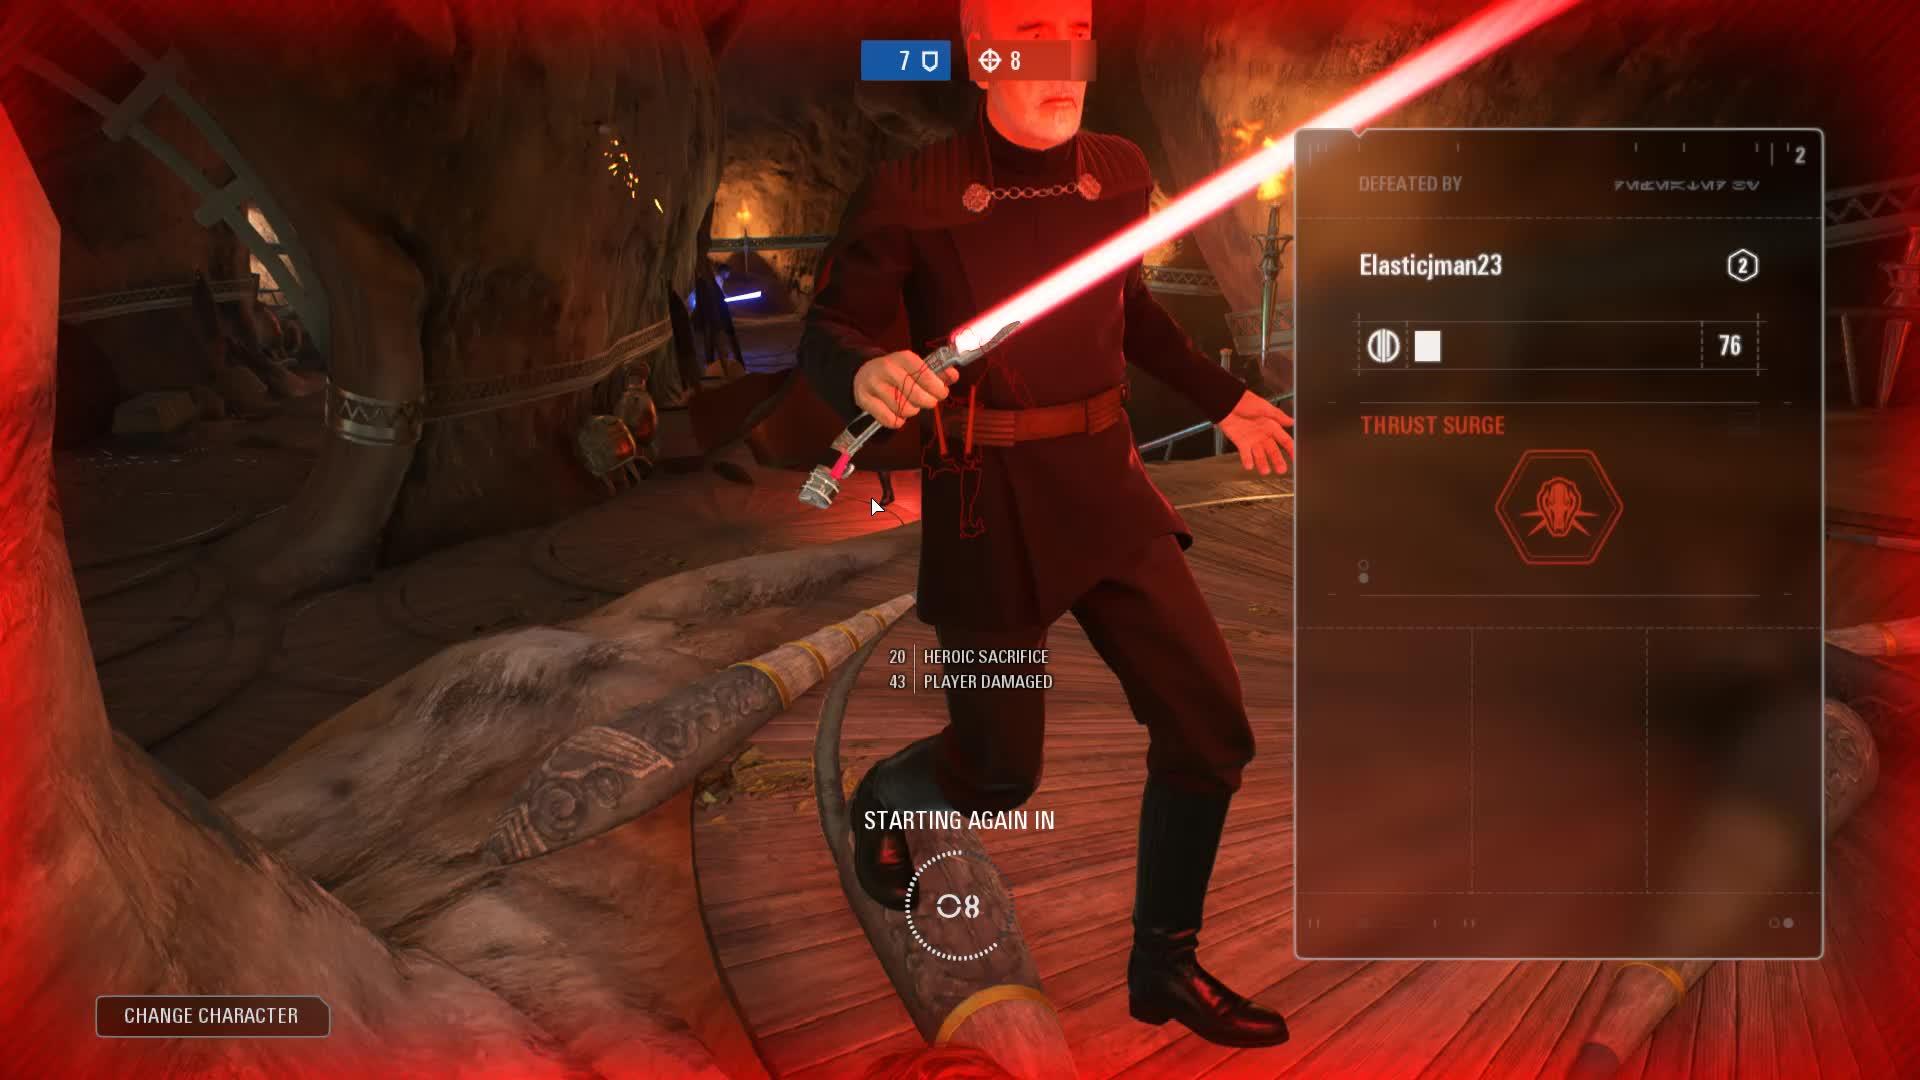 starwarsbattlefront, Star Wars Battlefront II (2017) 2019.03.24 - 23.14.55.03.DVR GIFs